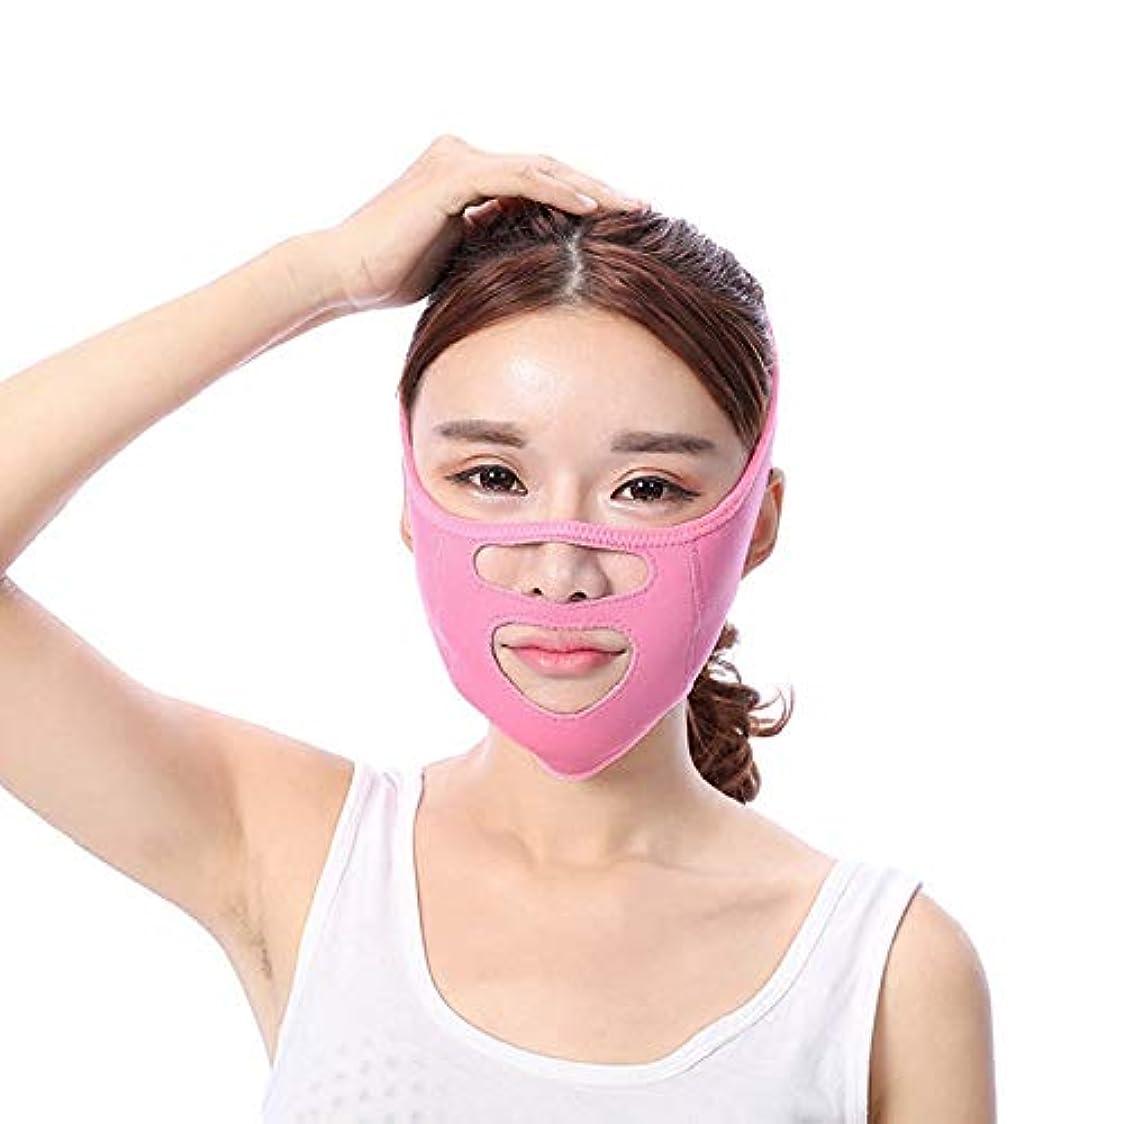 パドルリットル承認するBS 顔の持ち上がる痩身ベルト - あなたの顔のための素晴らしいトレーニング二重あごのワークアウトフェイスマスクベルト薄い顔包帯整形マスクは顔と首を締めますフェイススリム フェイスリフティングアーティファクト